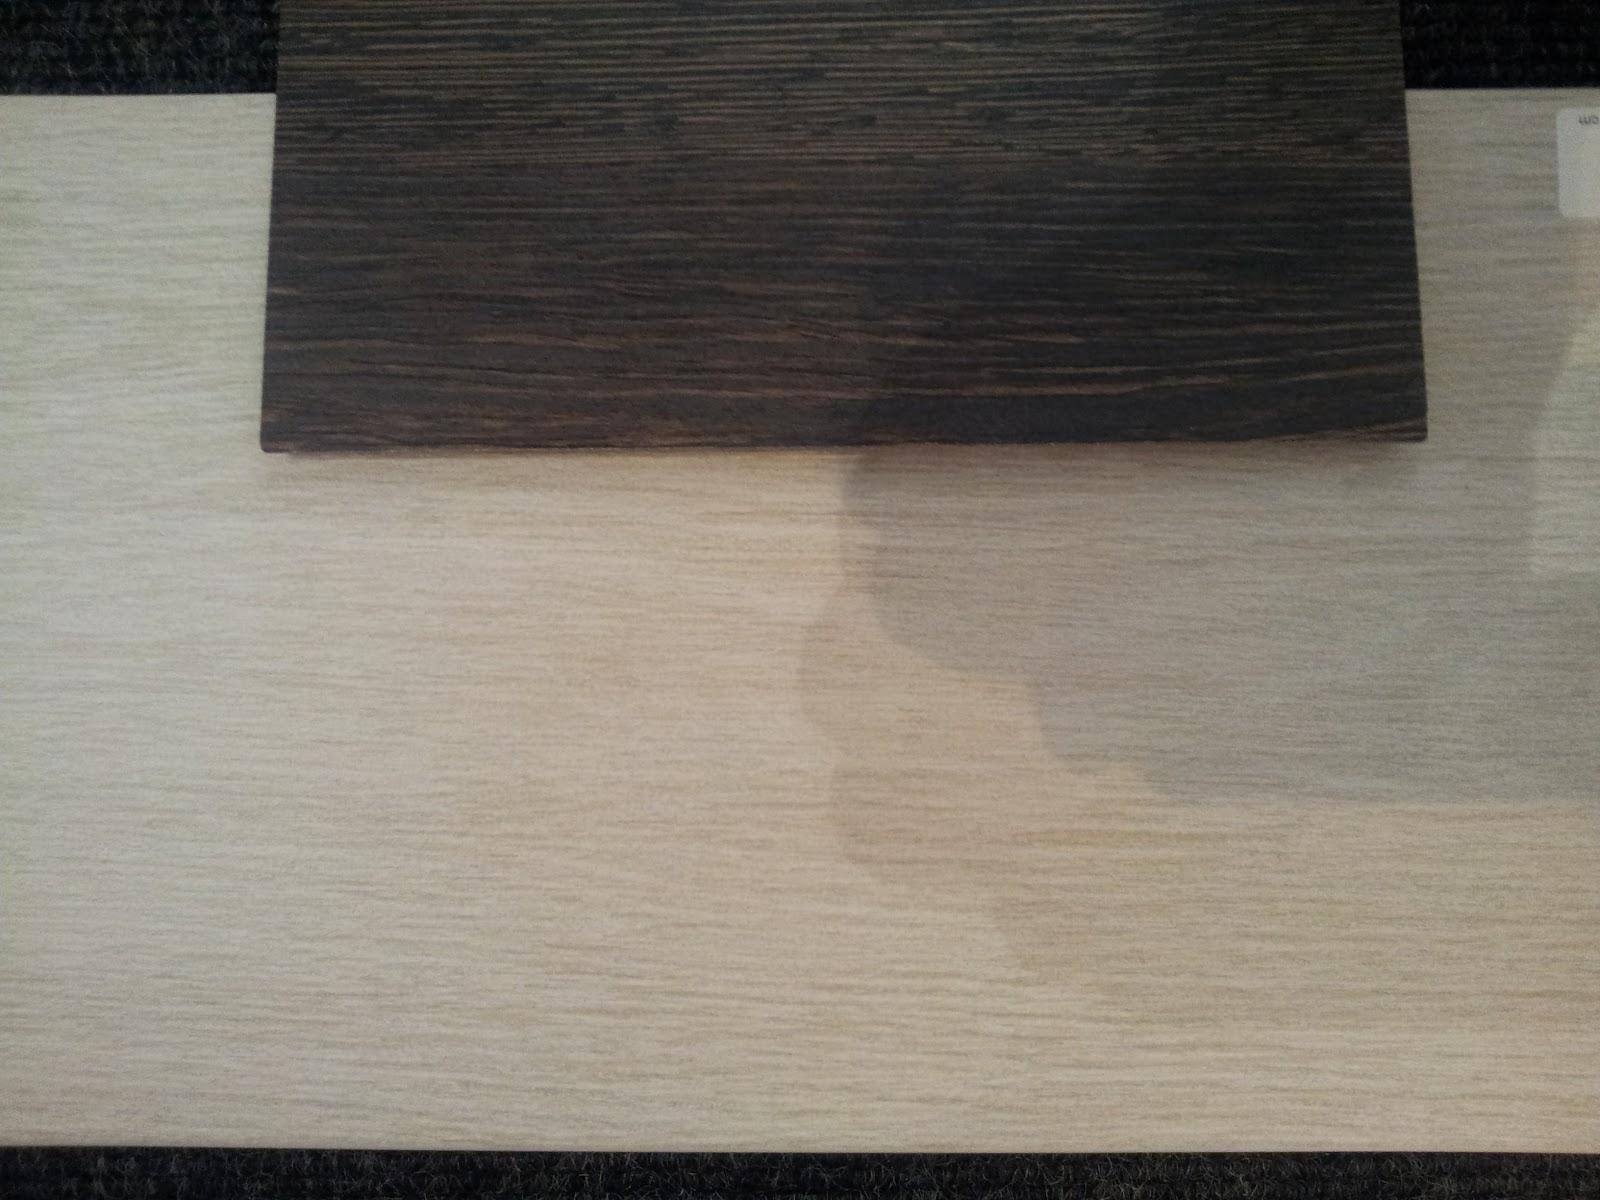 Küche Holzoptik Grau Fliesenboden Exquisit Rot Graue Kuche Farben